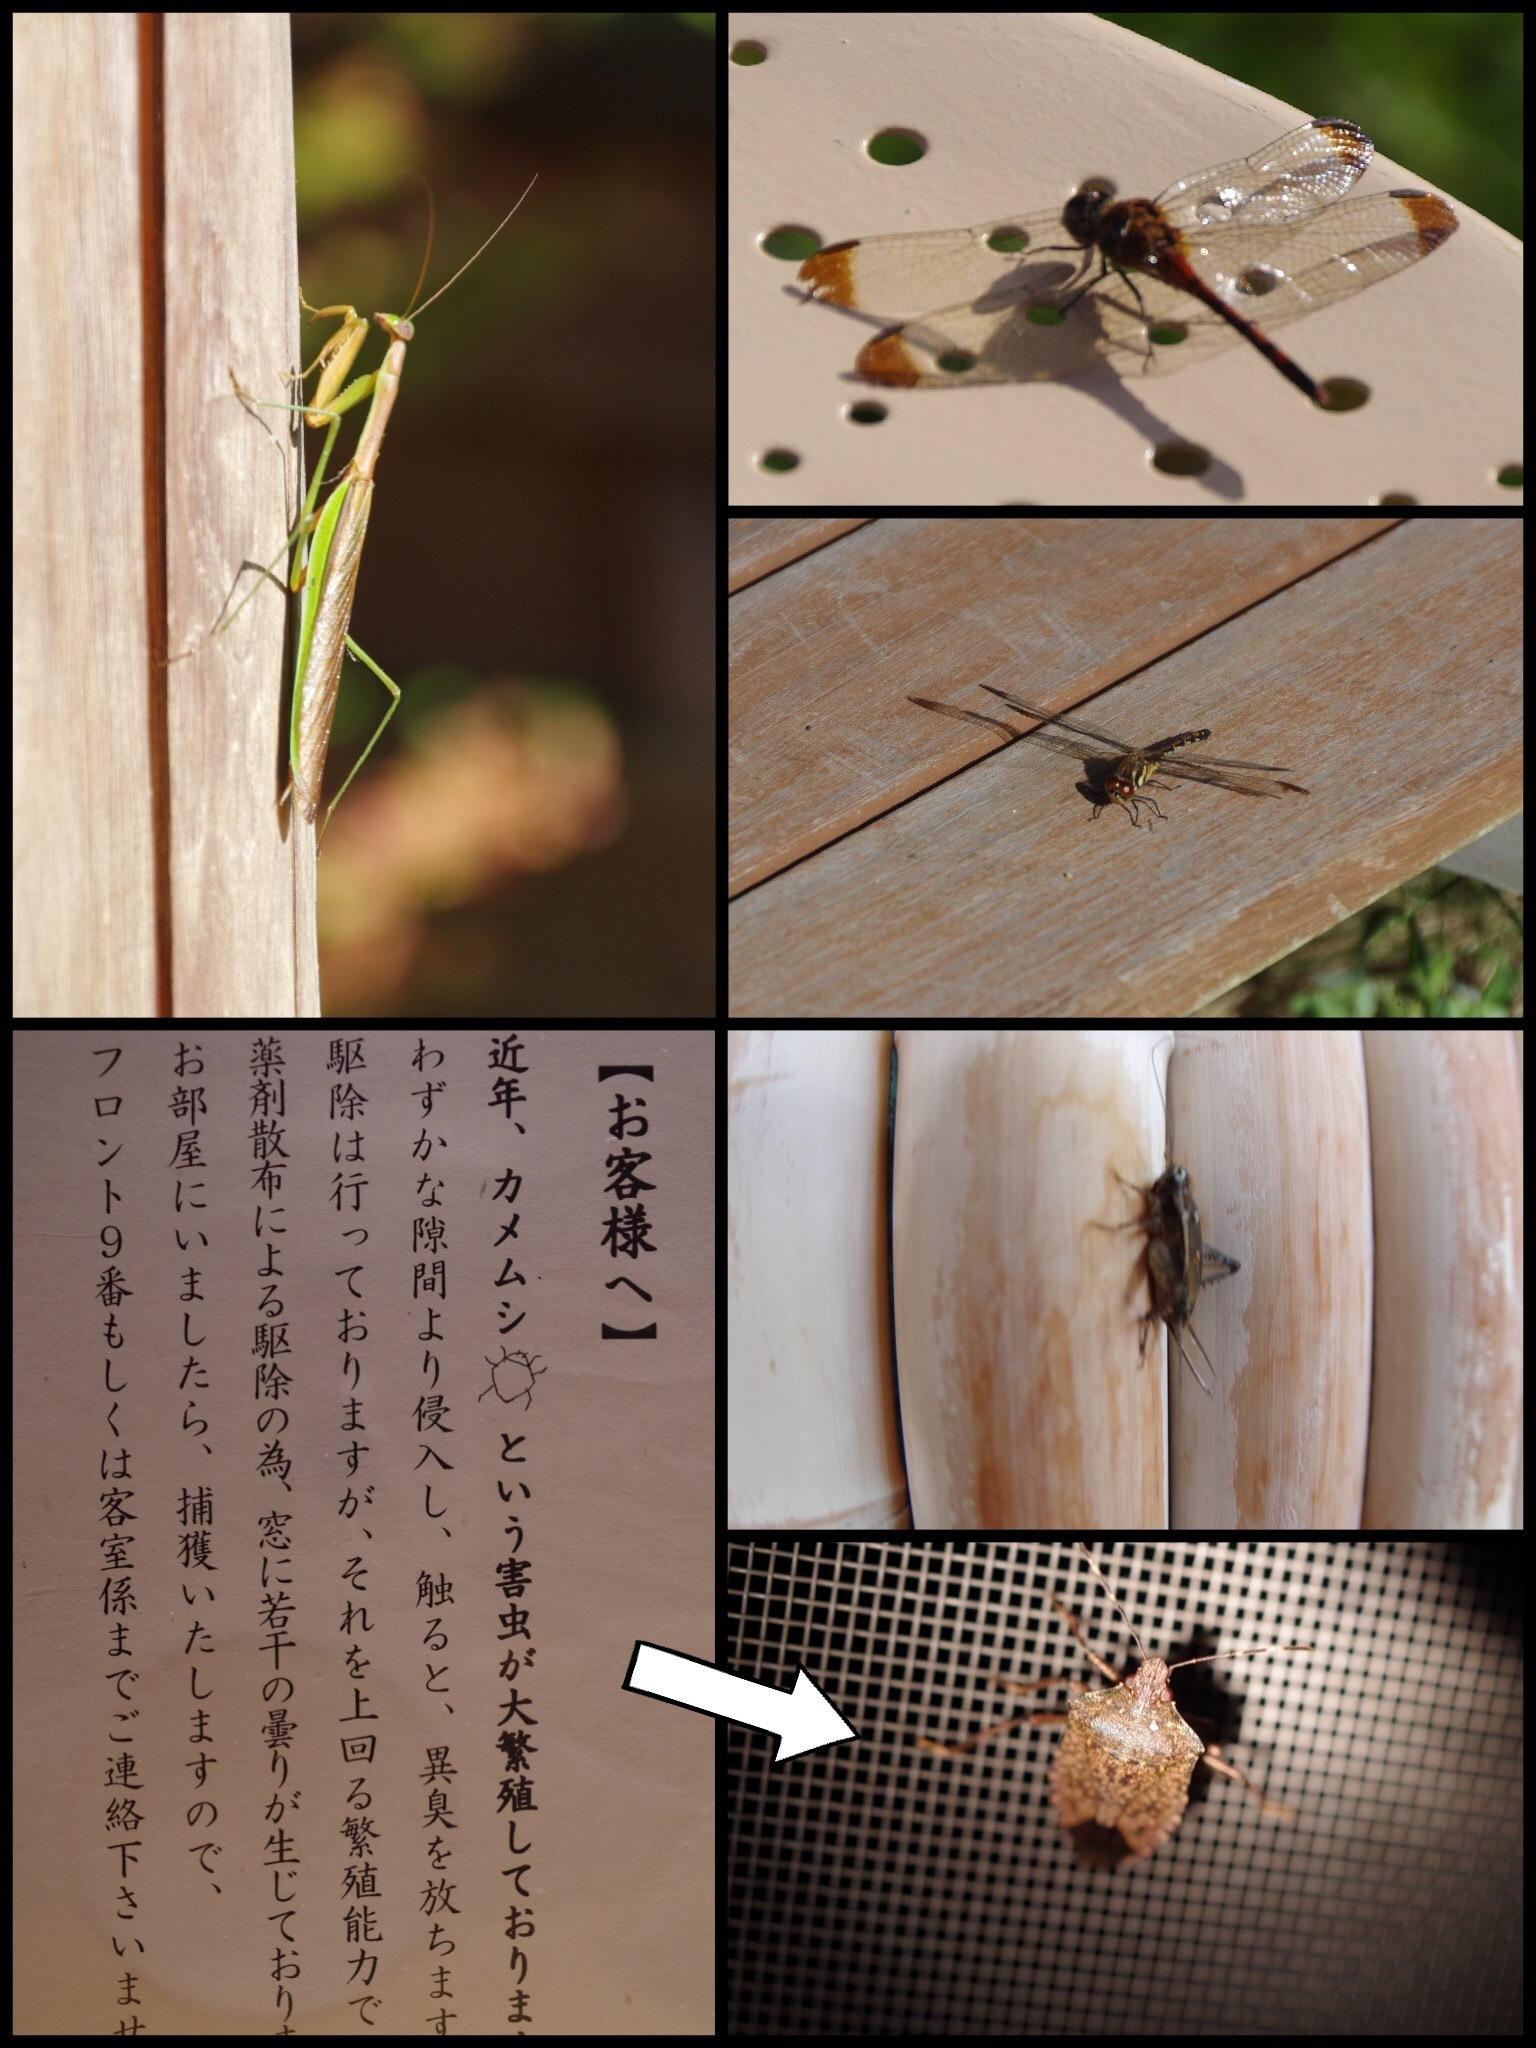 山形 上山温泉 名月荘 扇 宿泊記 昆虫 カメムシ